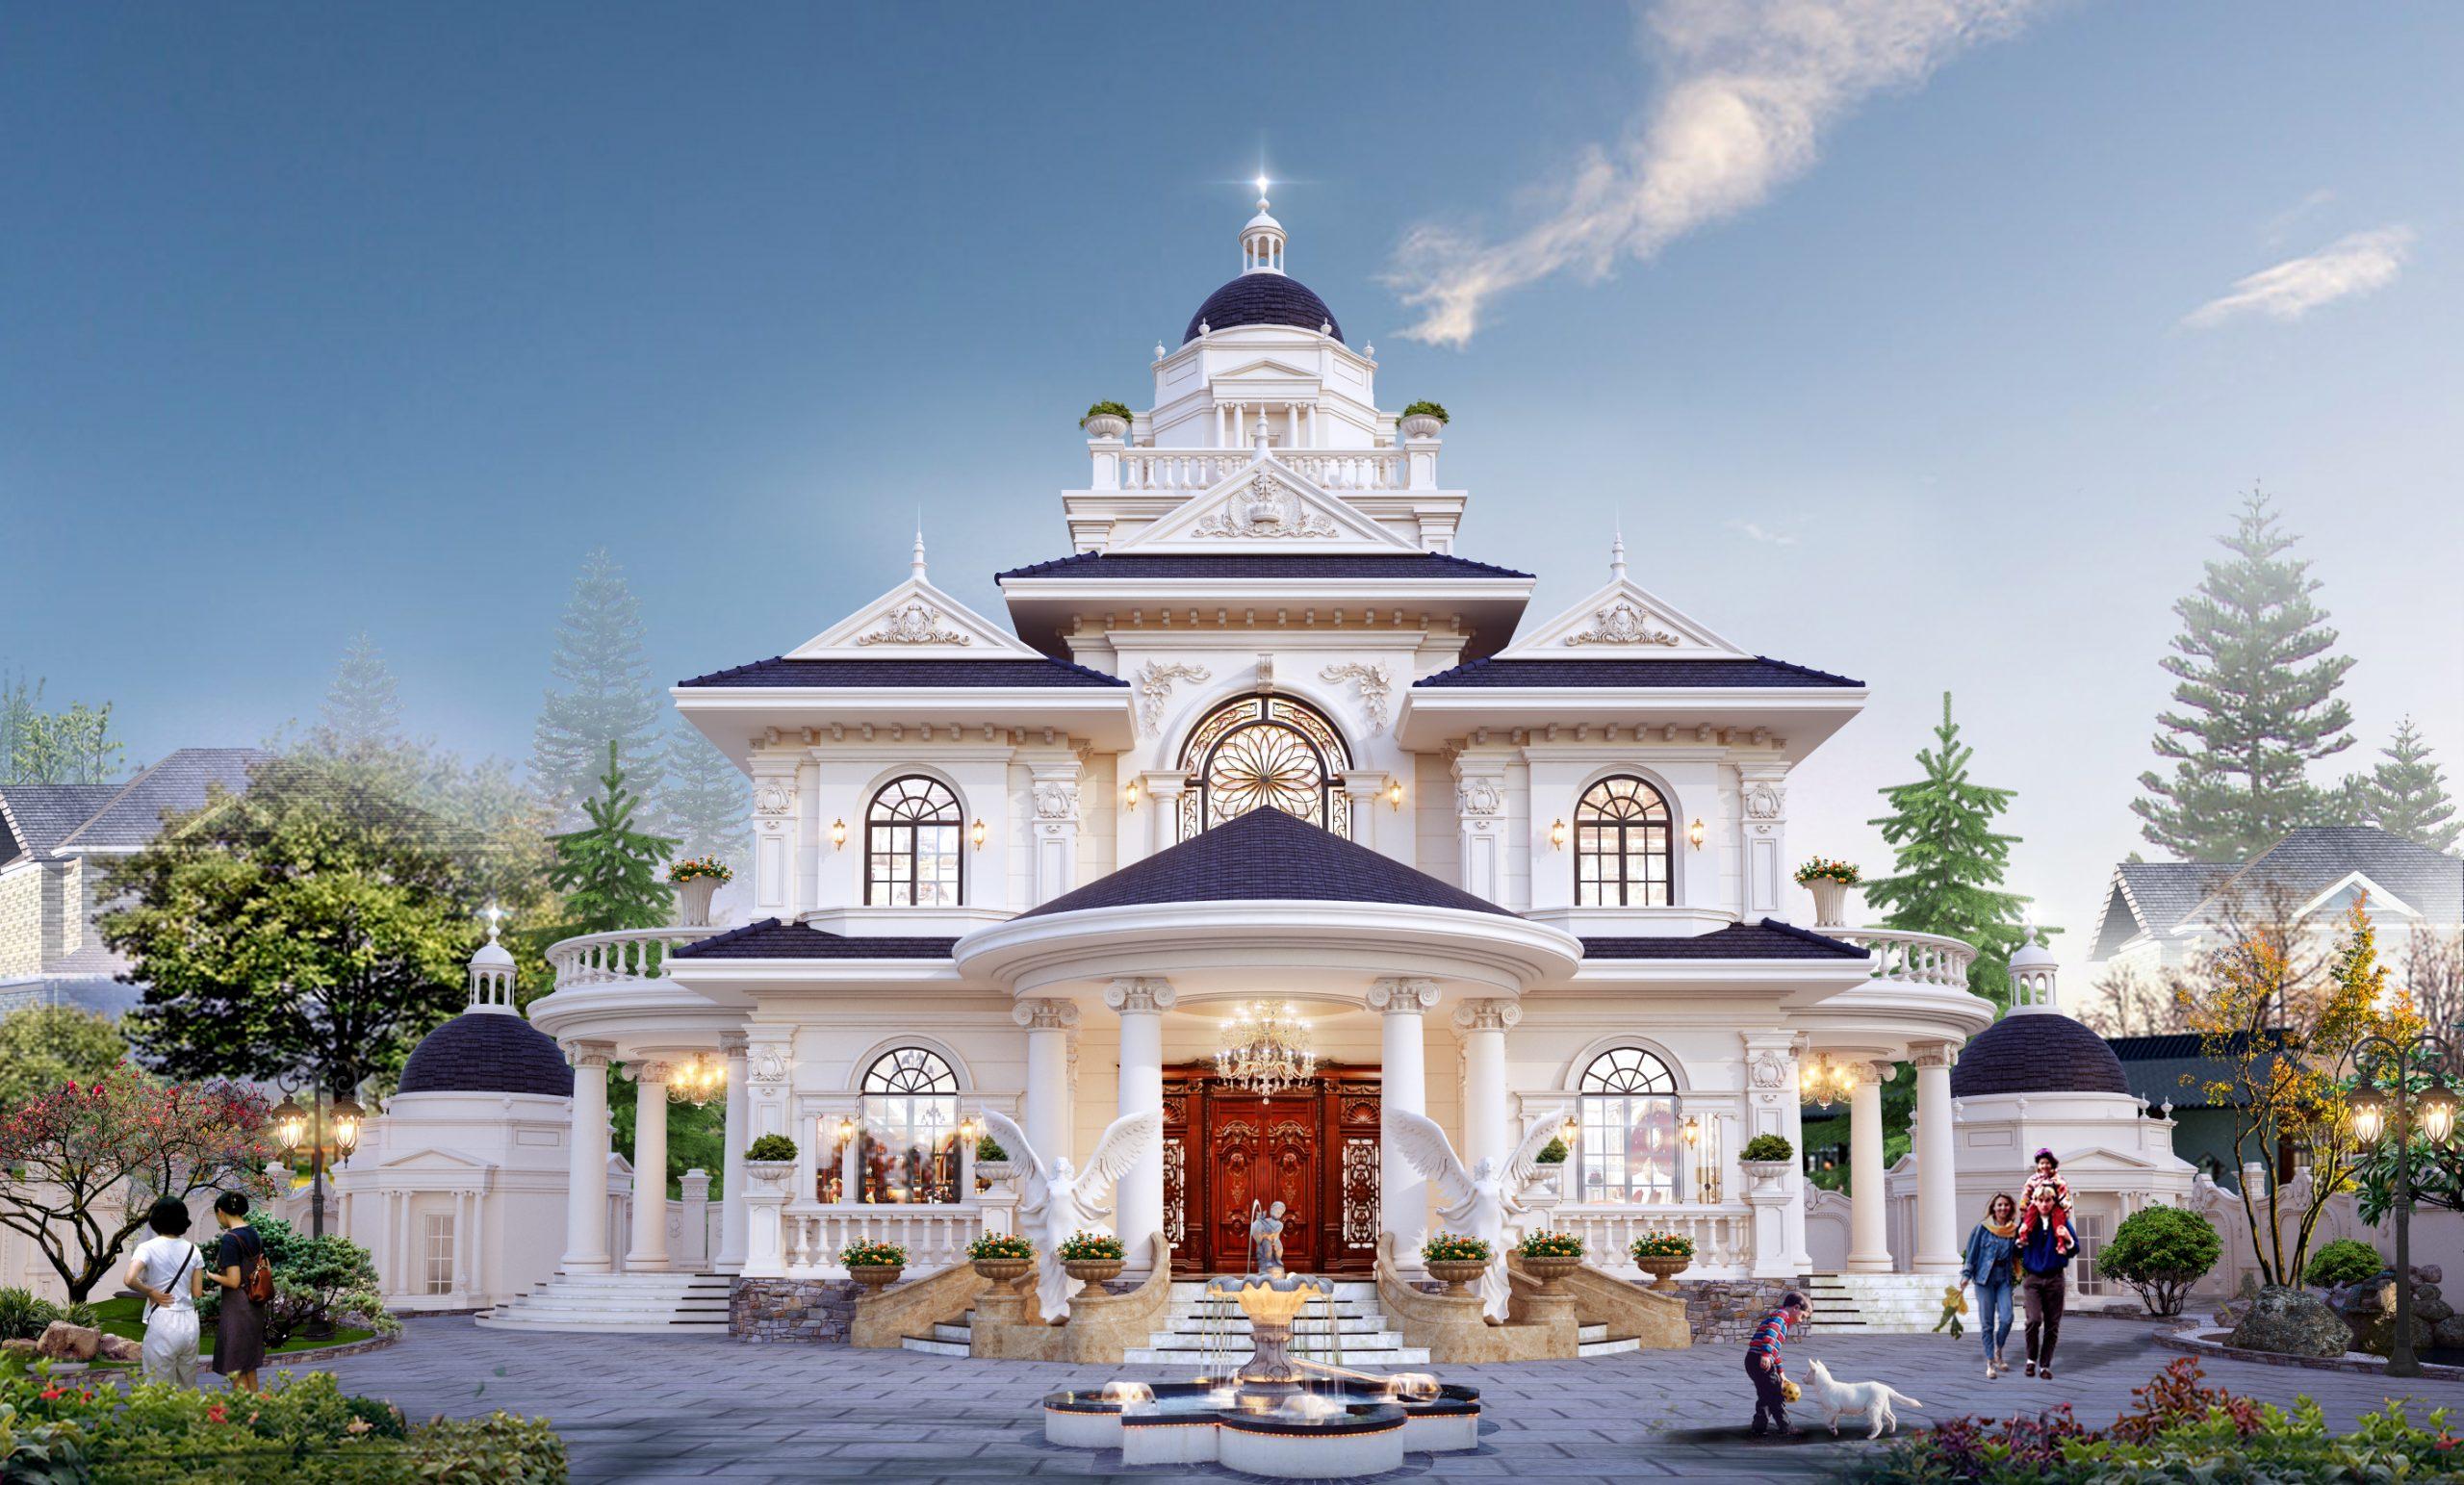 Top 10 Mẫu Biệt Thự Tân Cổ Điển 3 Tầng Đẹp